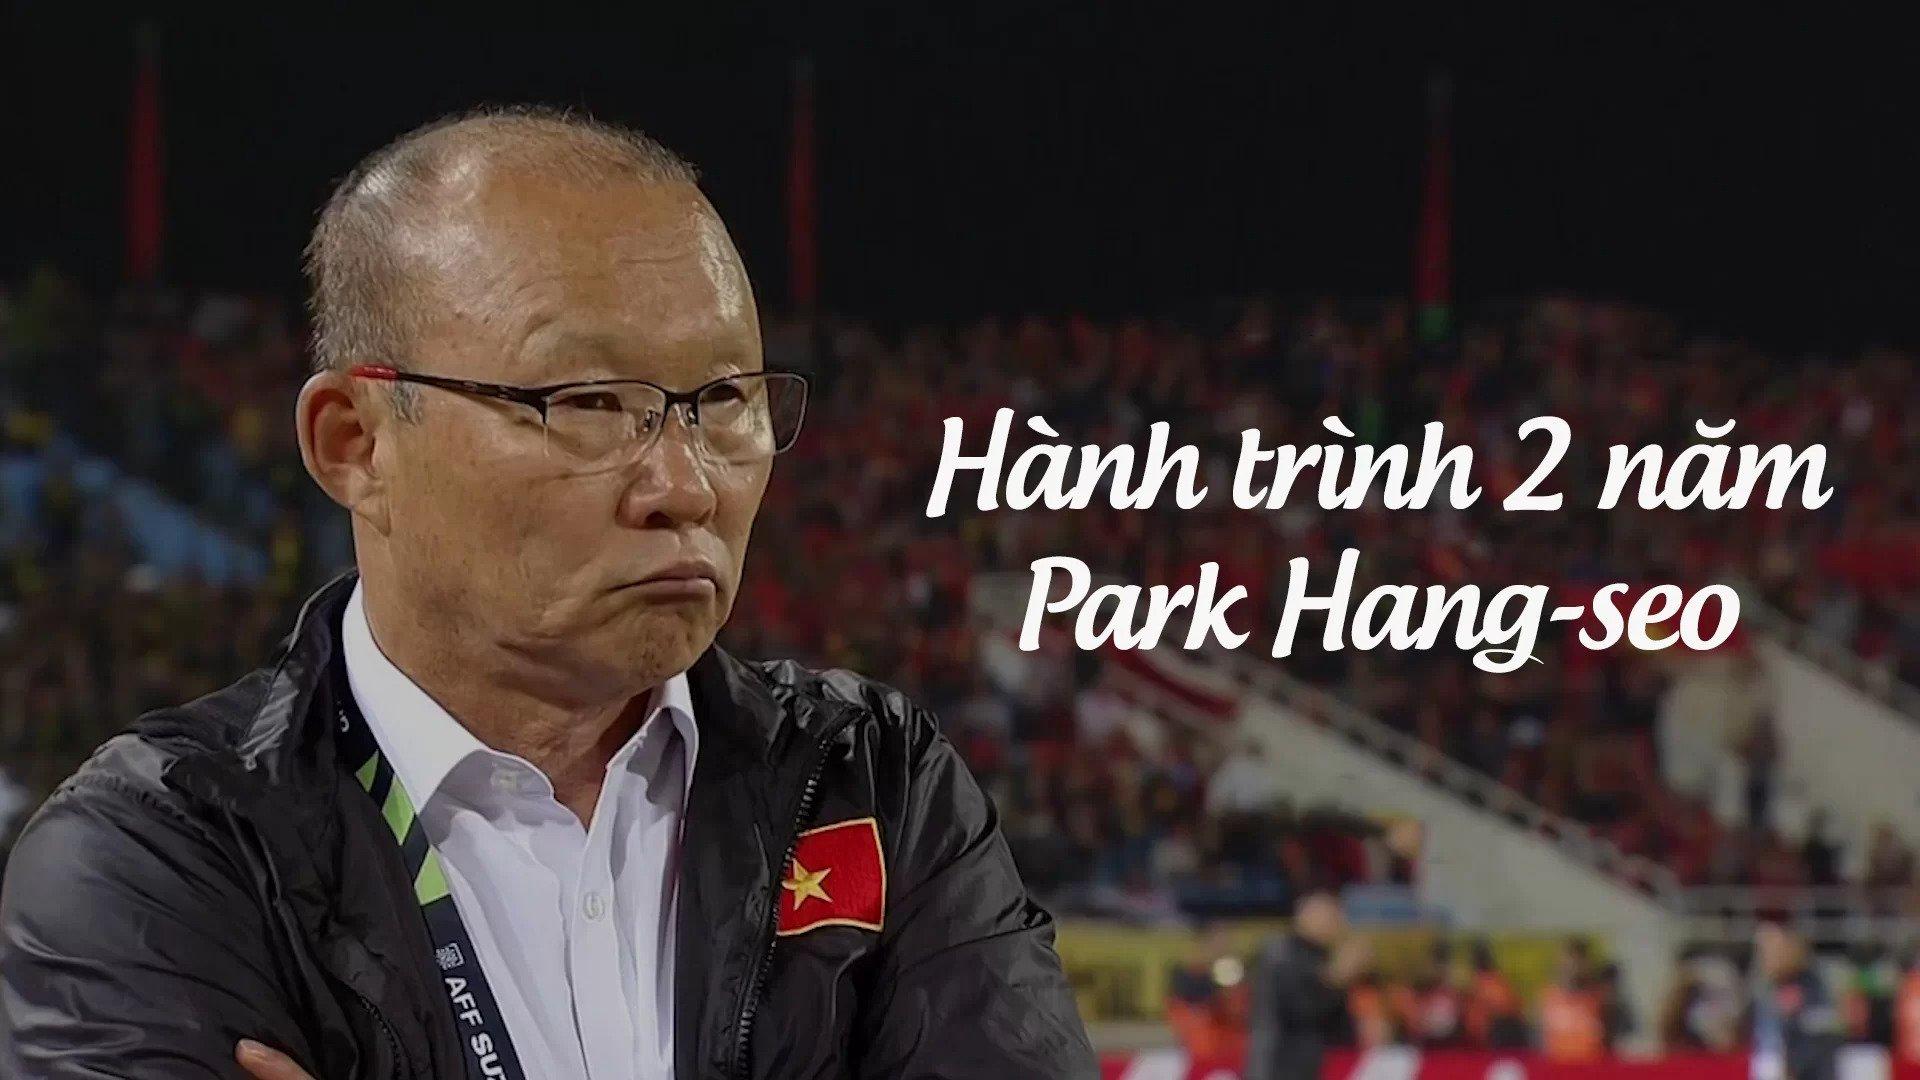 Hành trình 2 năm vươn tầm châu lục của HLVPark Hang-seo